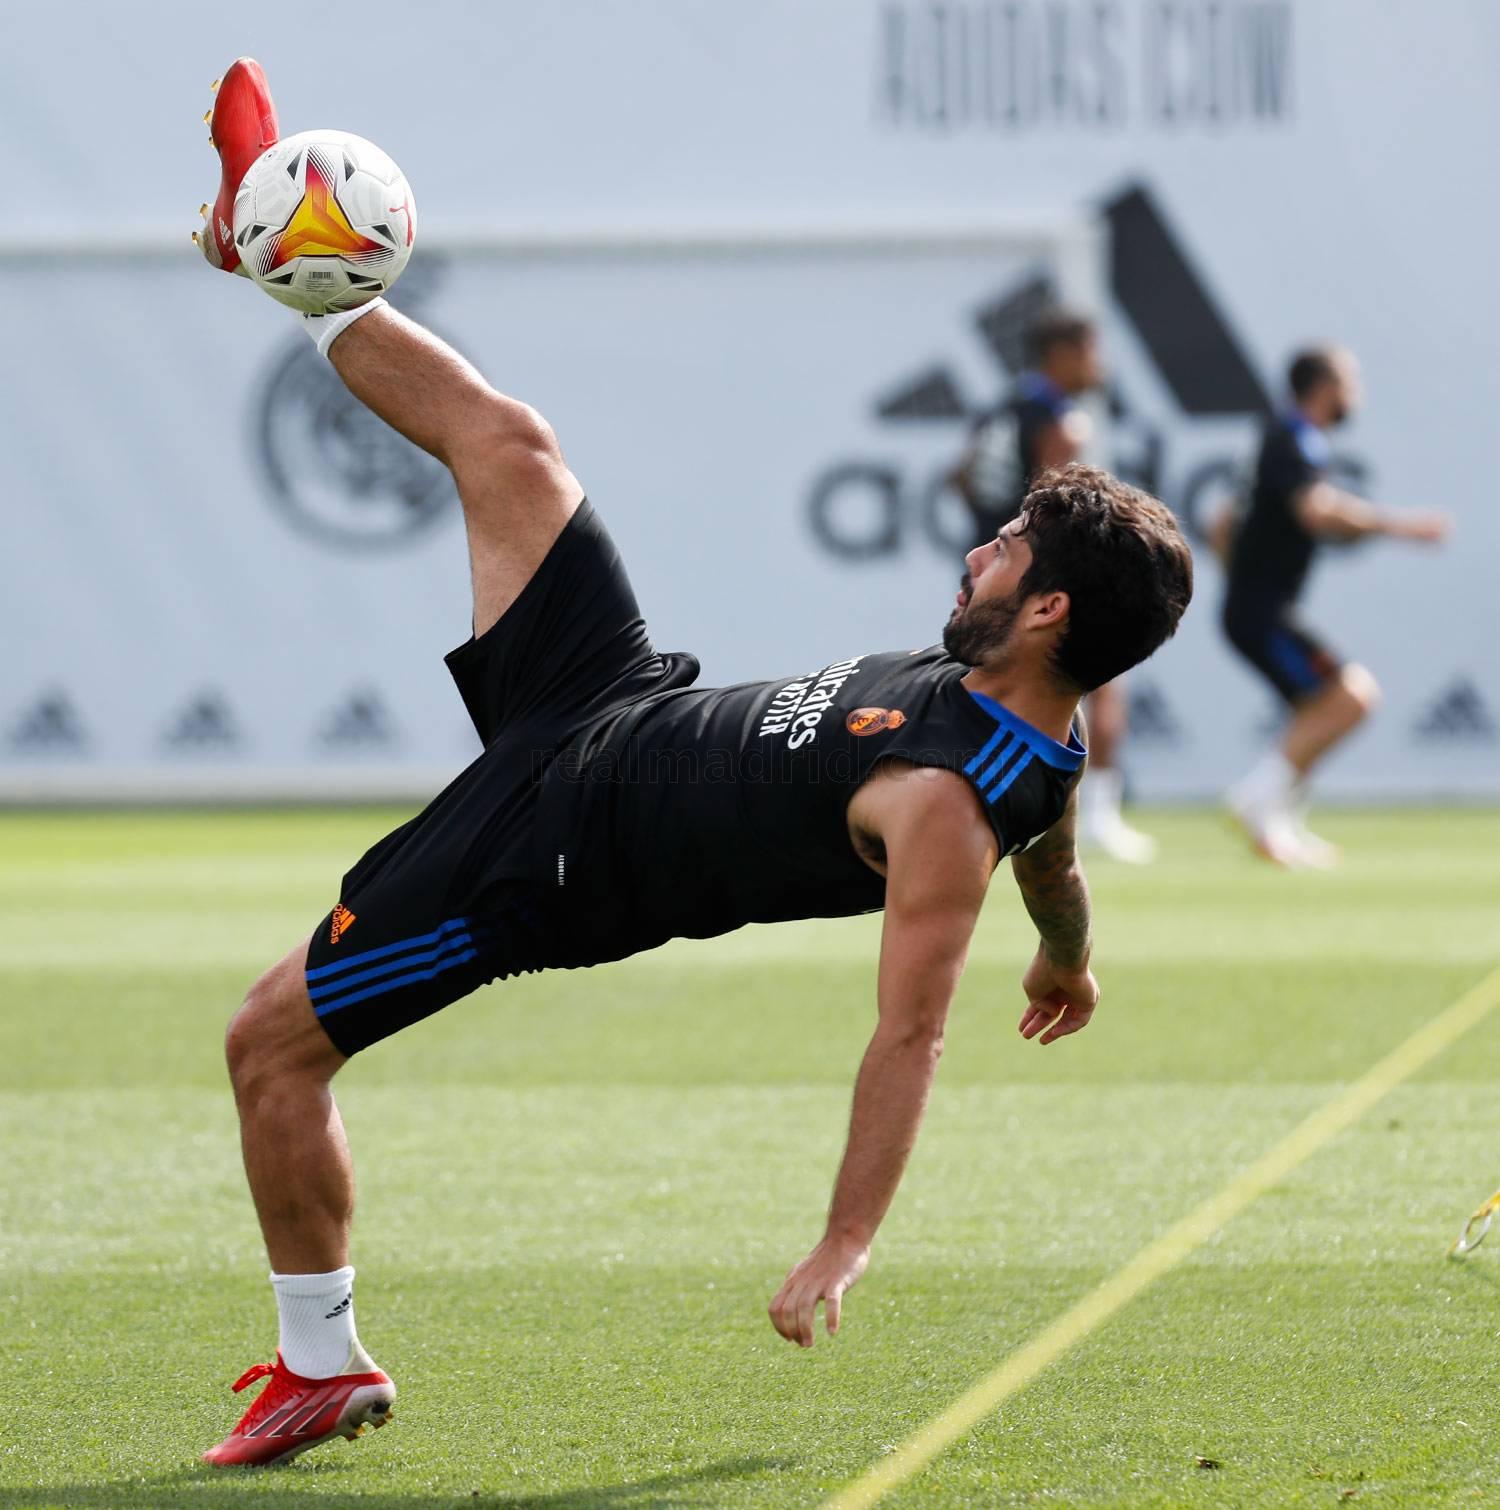 Entrenamiento del Real Madrid  - 16-10-2021